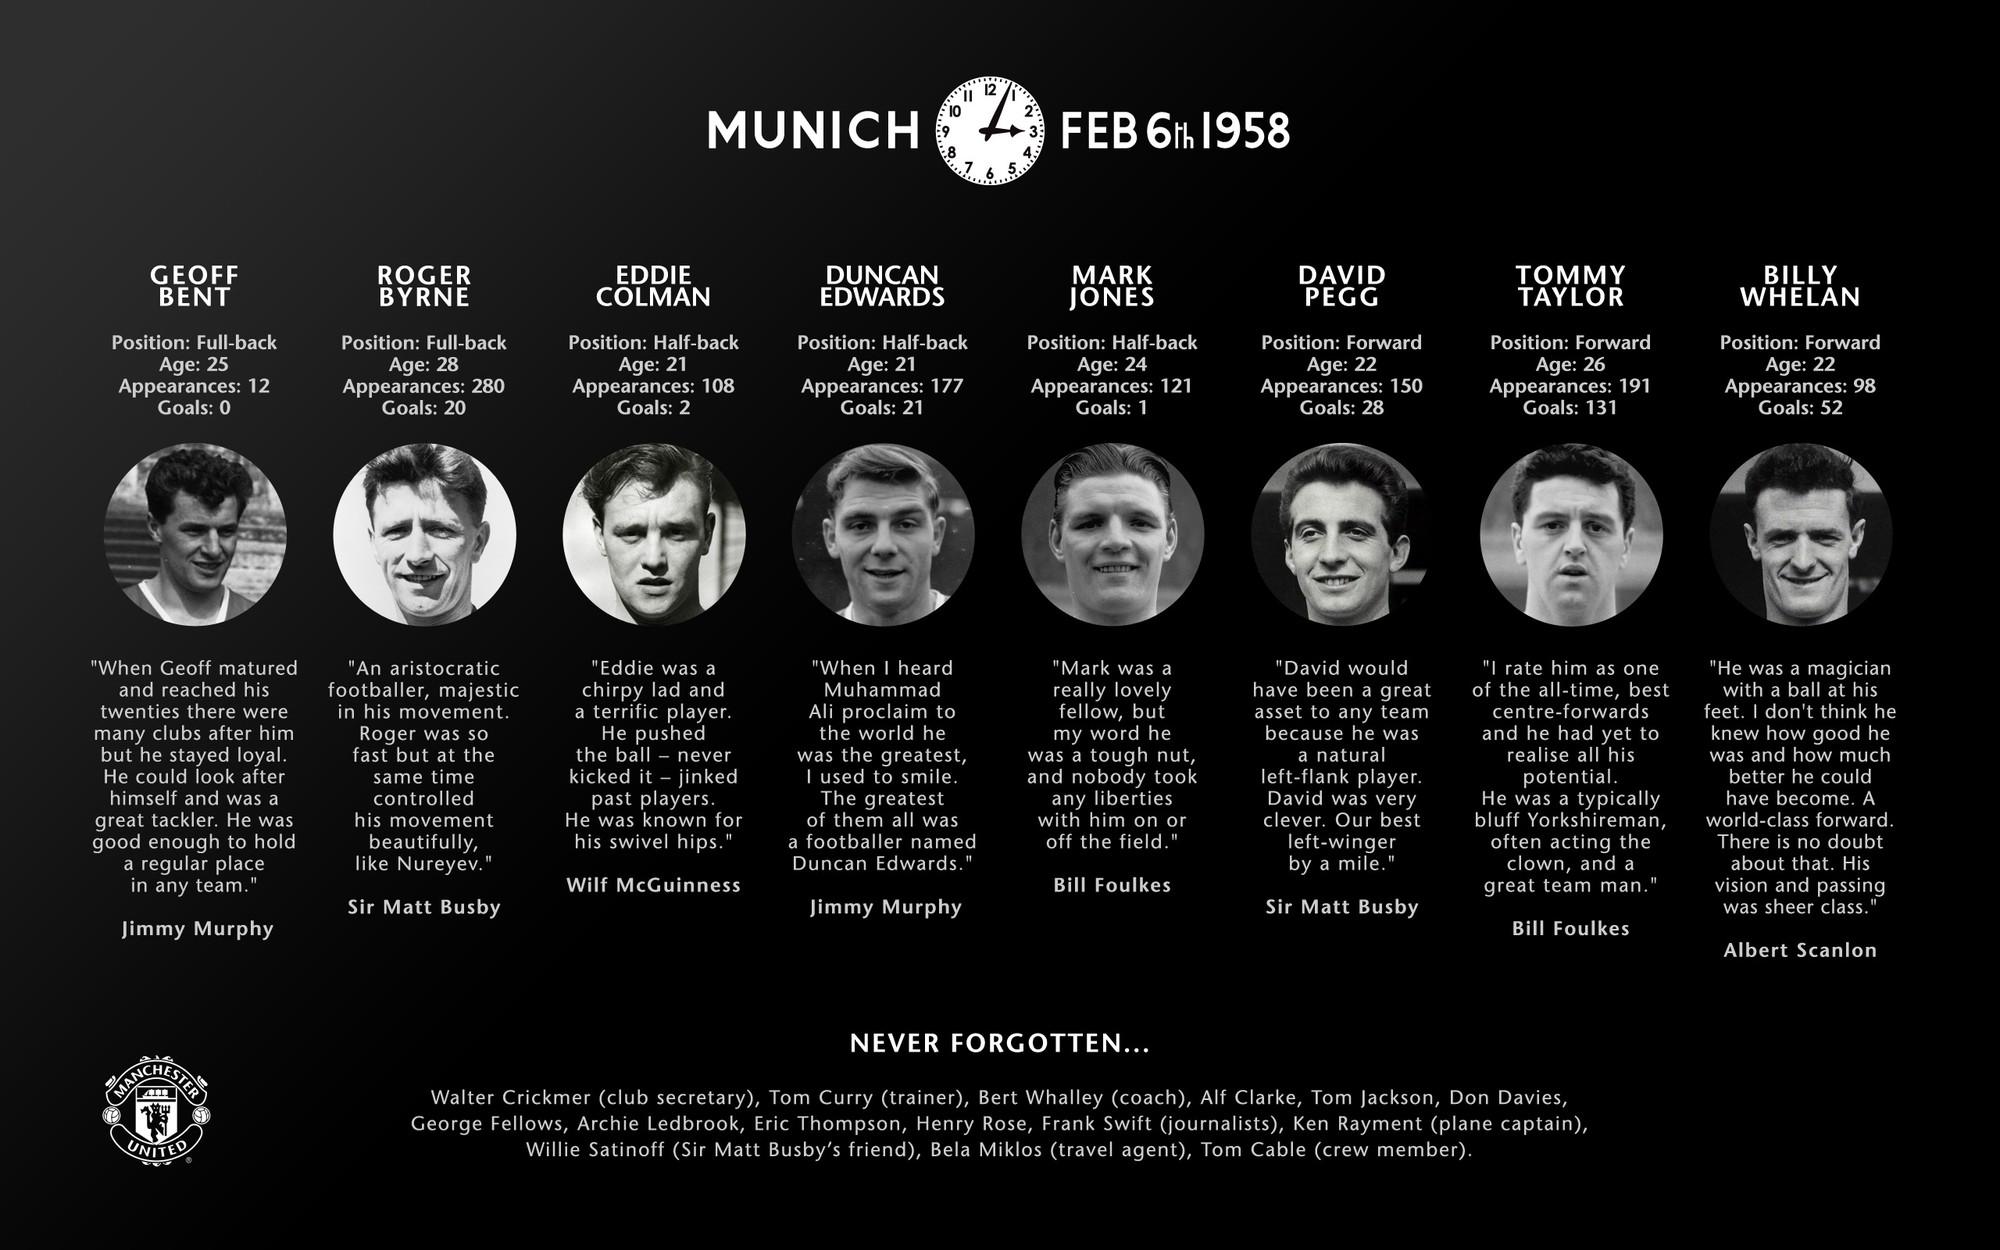 Hình ảnh: 8 cầu thủ Man United đã mãi mãi không bao giờ trở về sau thảm họa Munich